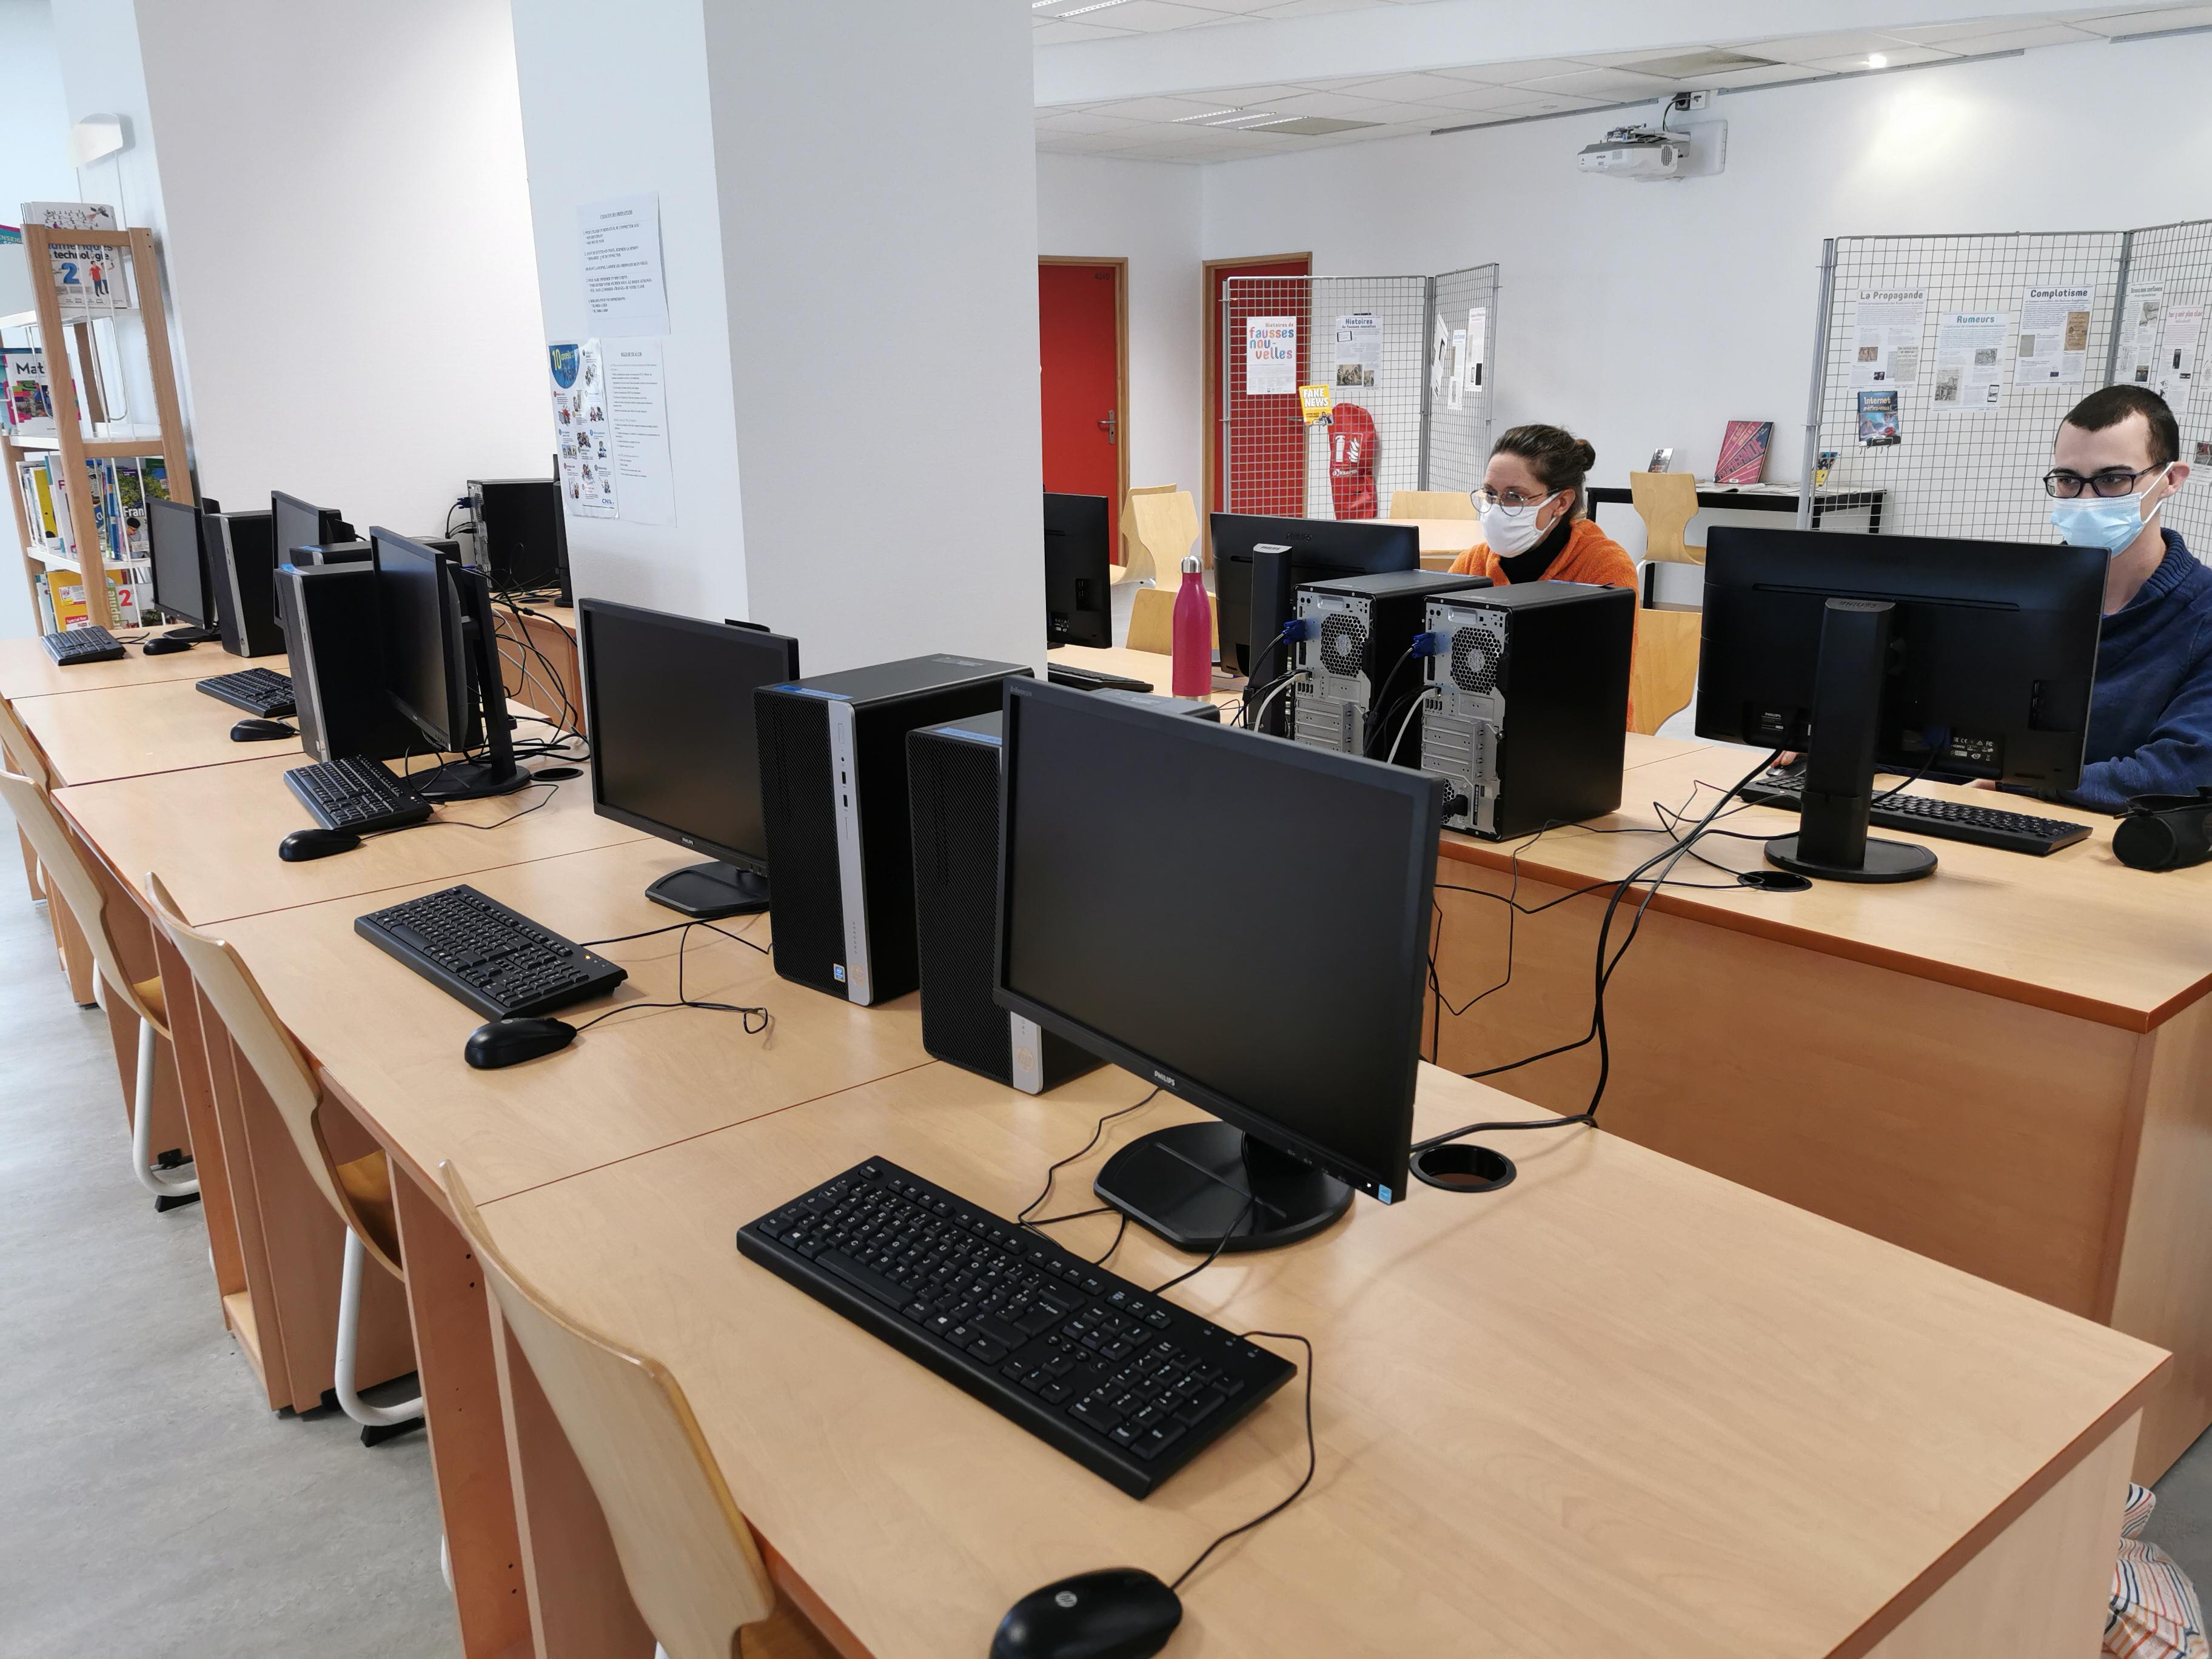 Cdi du lycée Paul Héroult - l'espace de travail informatique, les ordinateurs